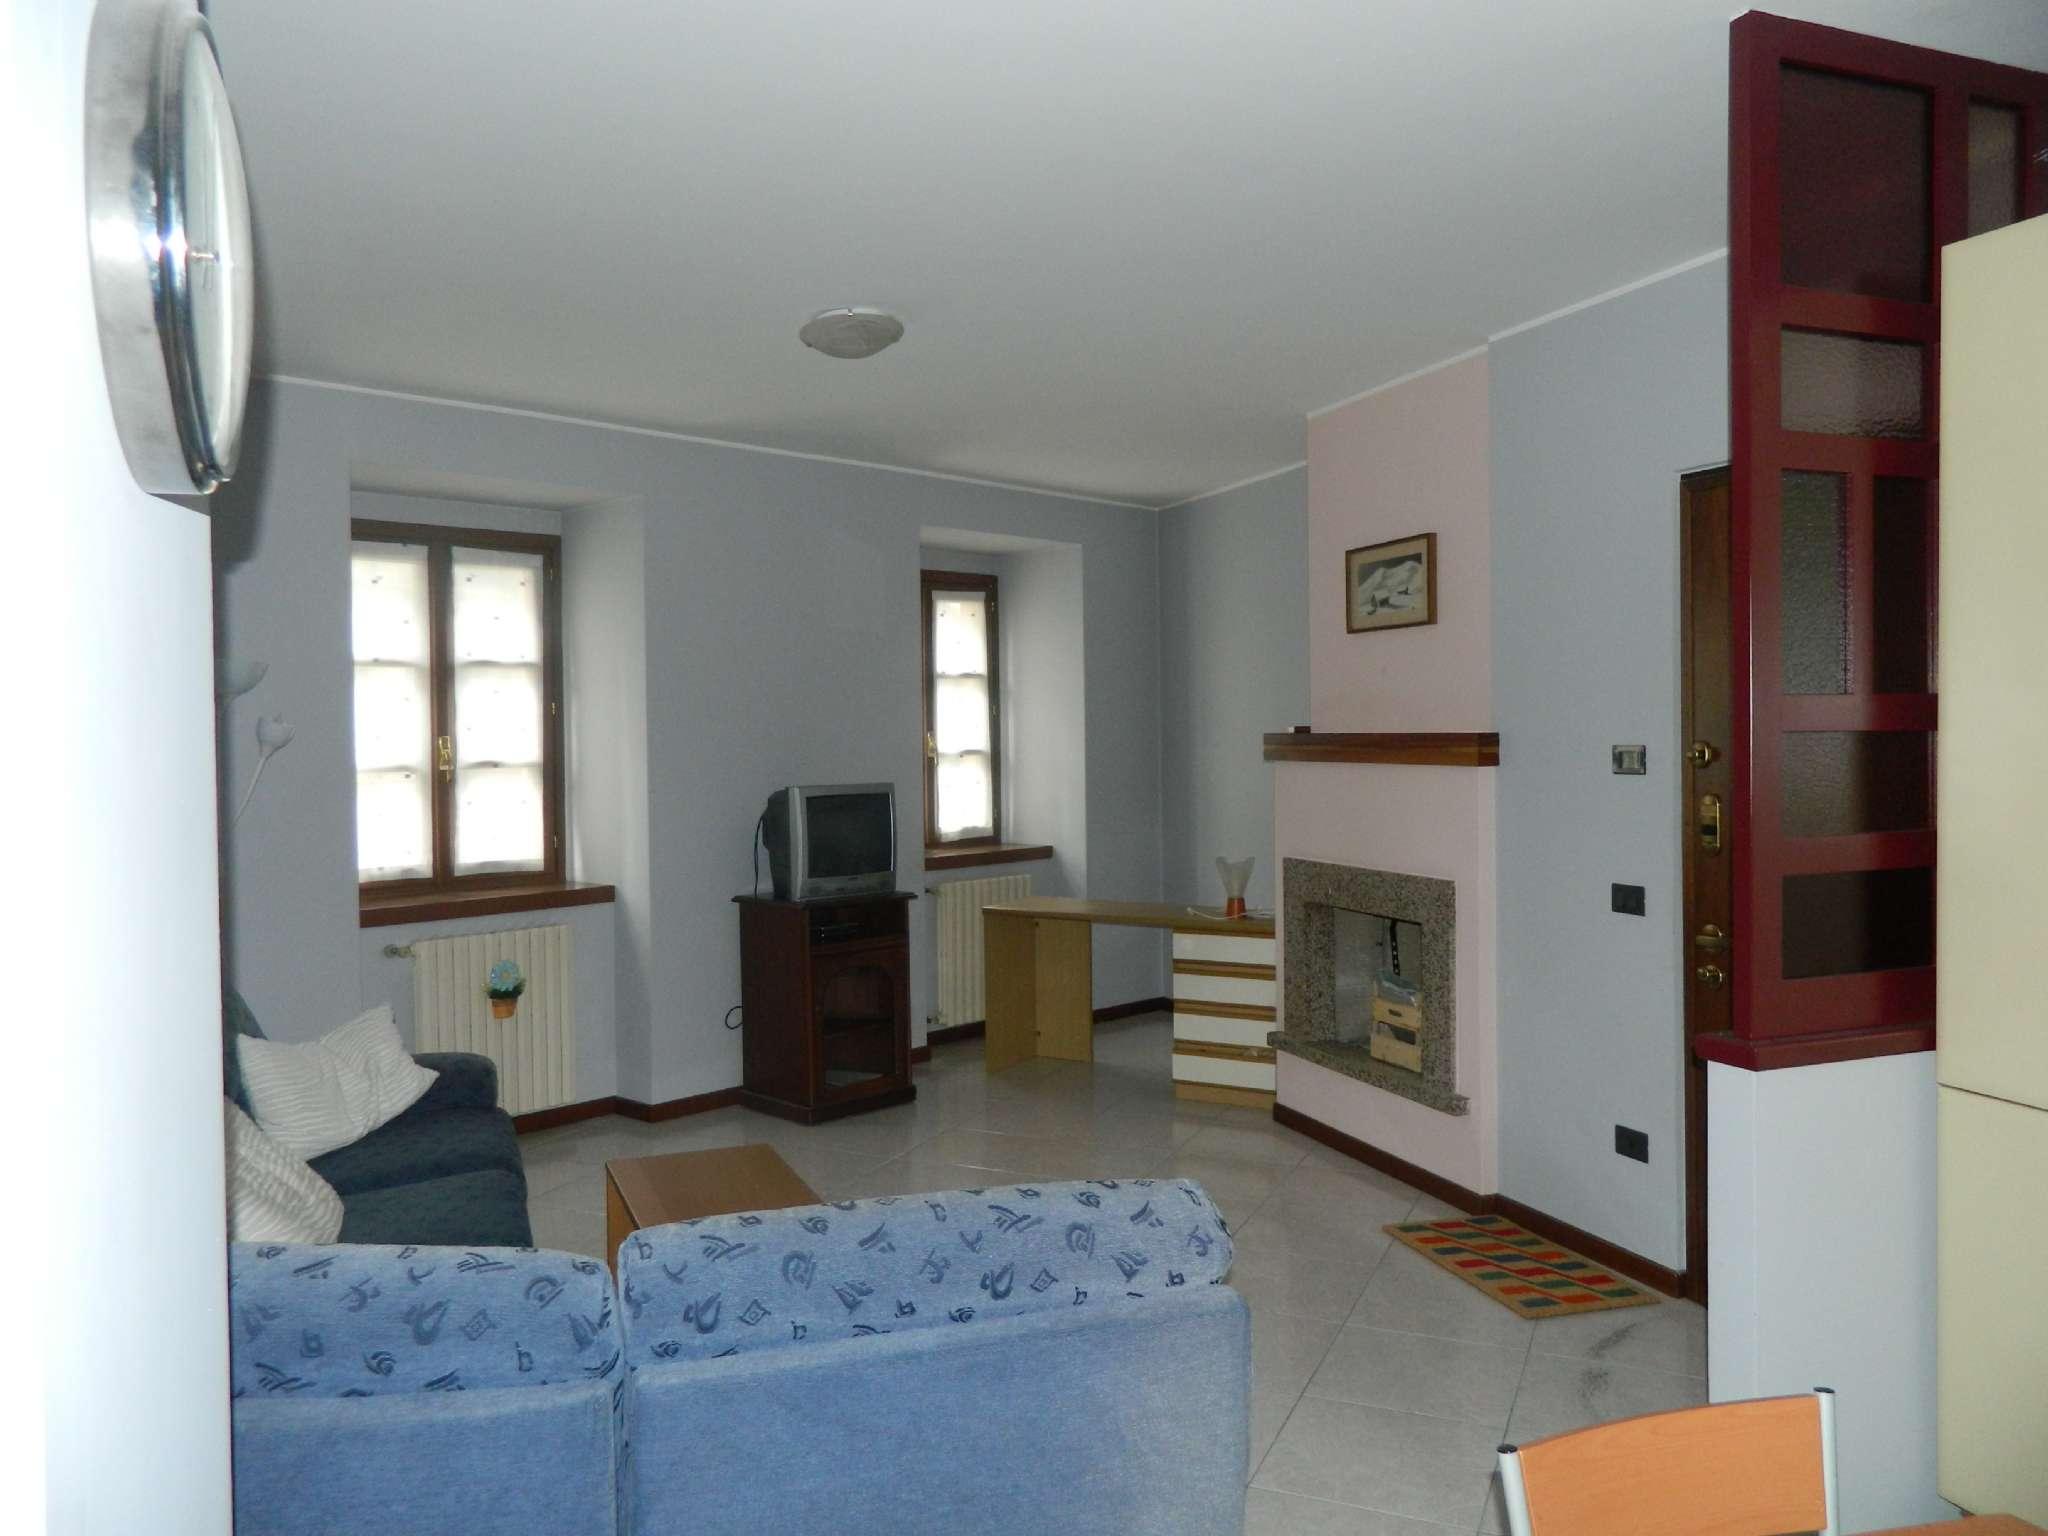 Appartamento in affitto a Sondrio, 2 locali, prezzo € 450 | CambioCasa.it